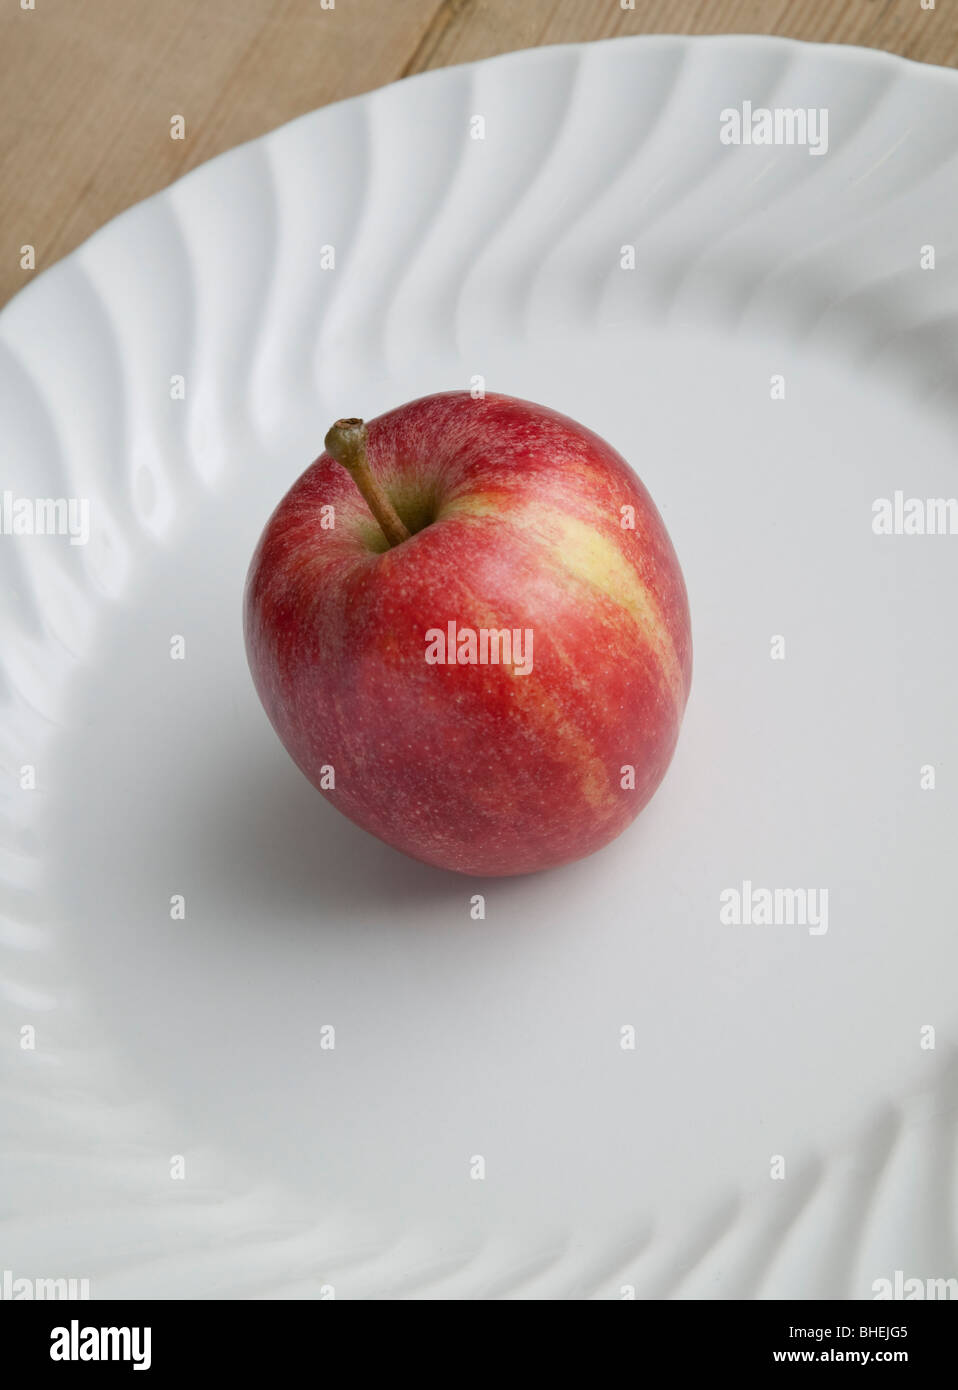 EATING APPLE ROUGE SUR BLANC SUR PLAQUE DE TABLE EN BOIS Photo Stock